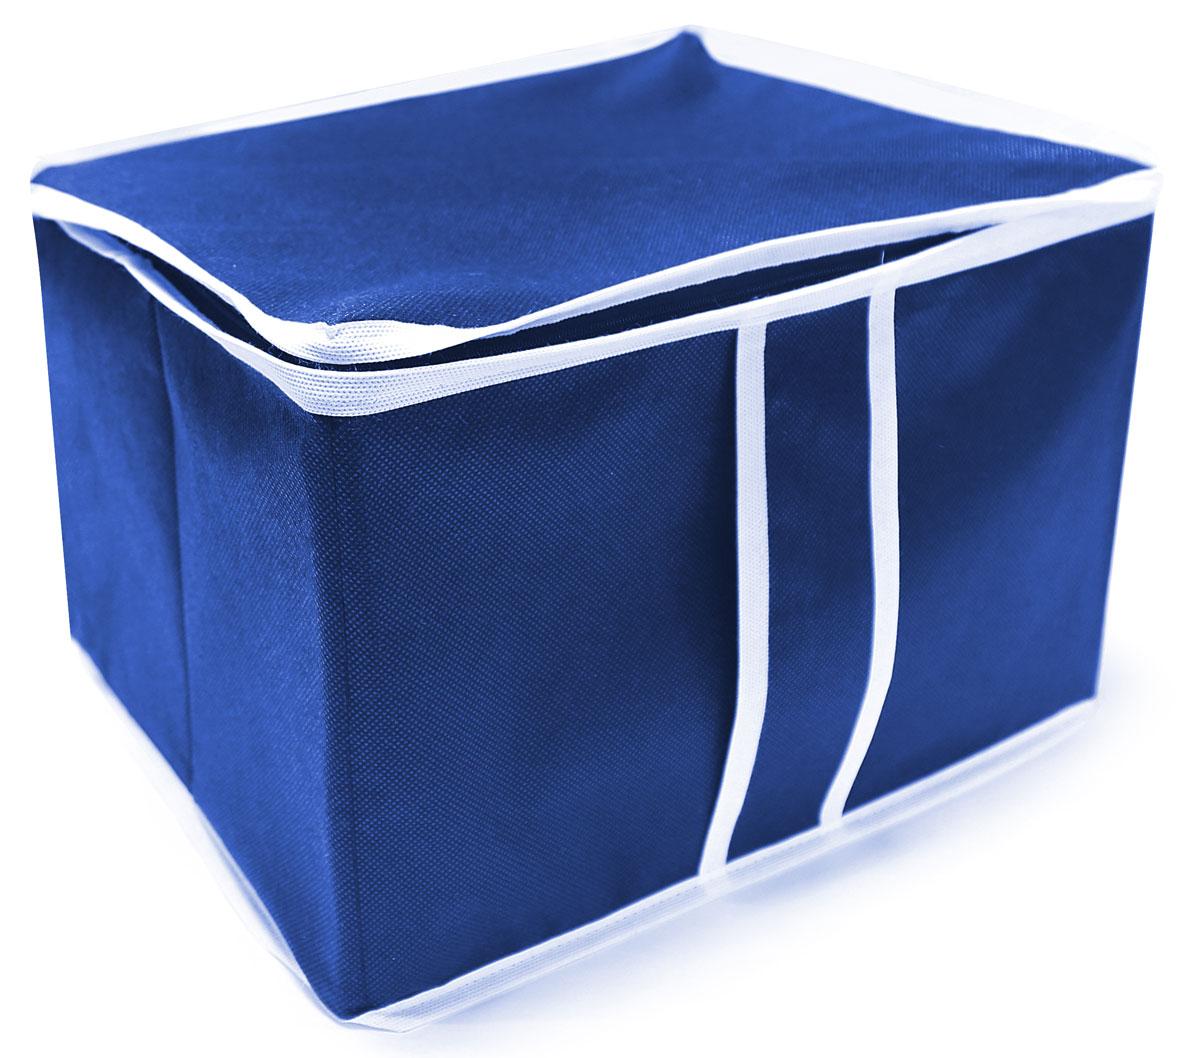 Фото - Органайзер для хранения Eva Василек, цвет: синий, 35 х 30 х 25 см органайзер для хранения вещей eva черное золото 4 отделения 30 х 30 х 10 см